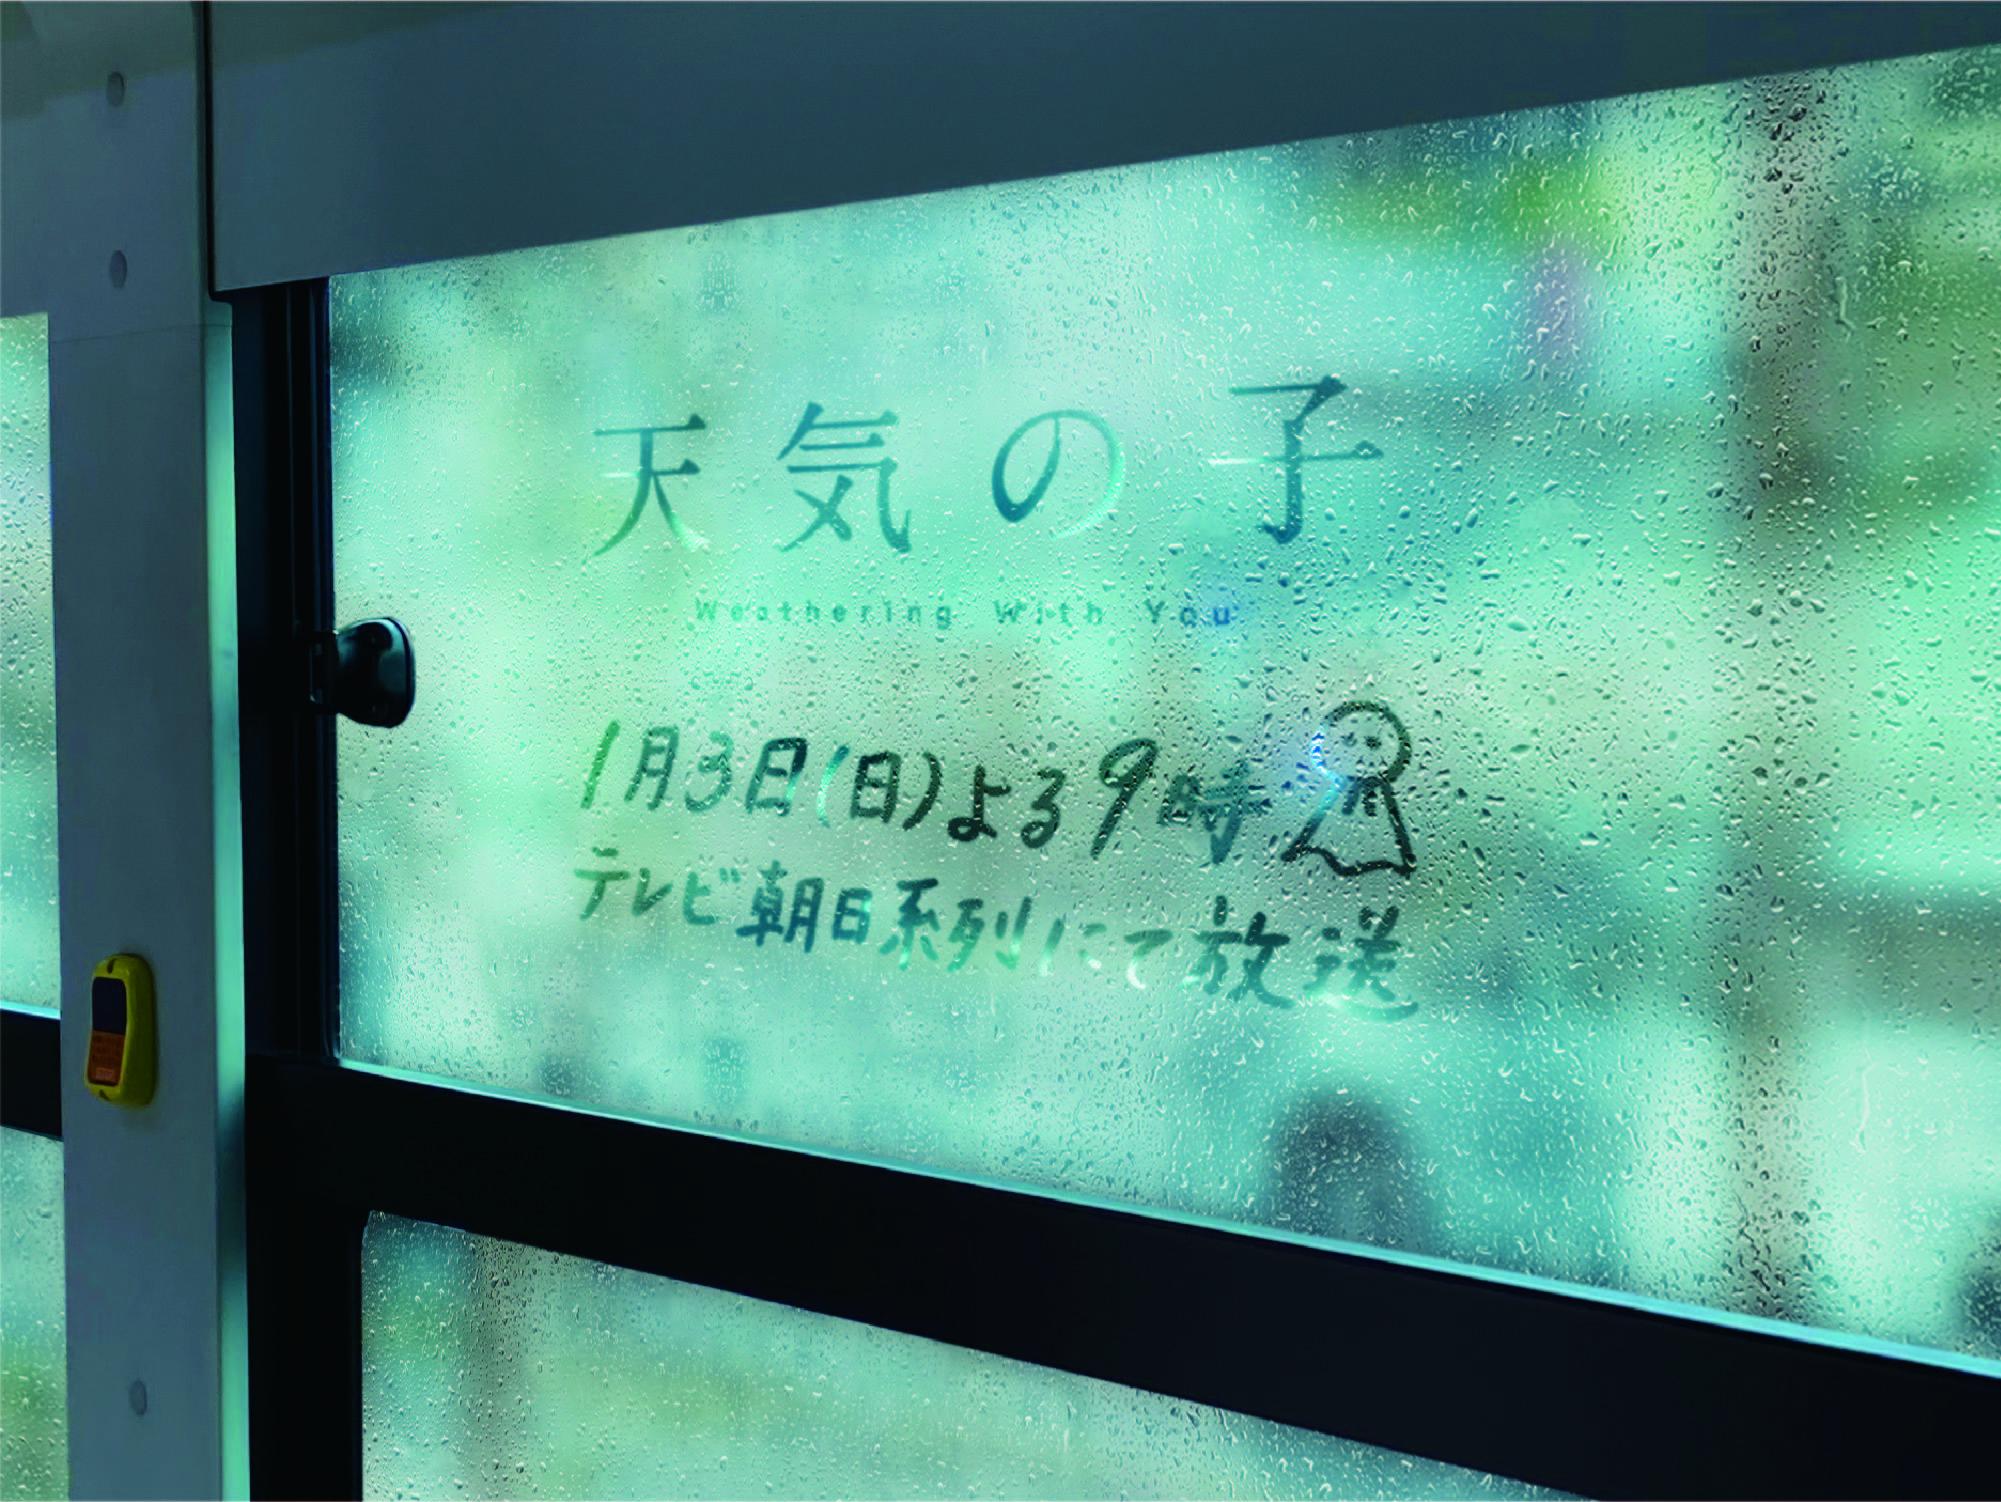 """「天気の子」都営バスに""""手書き文字風""""の特別広告が掲出!結露で誰かが落書きしたかのような手書き文字が登場"""